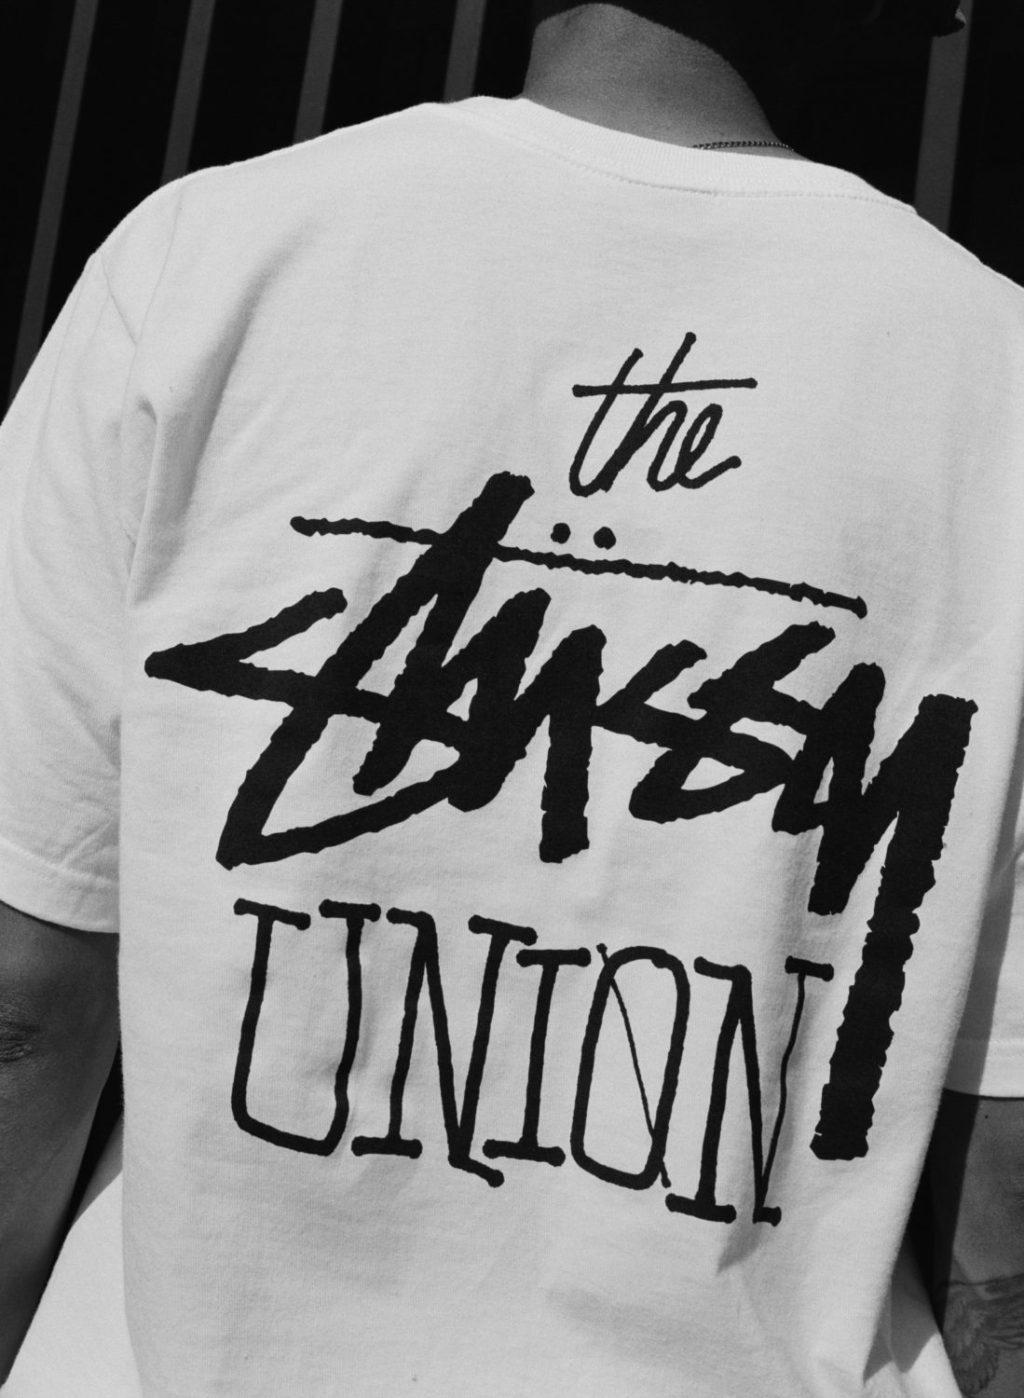 union-la-stussy-30th-anniversary-collaboration-release-20210723